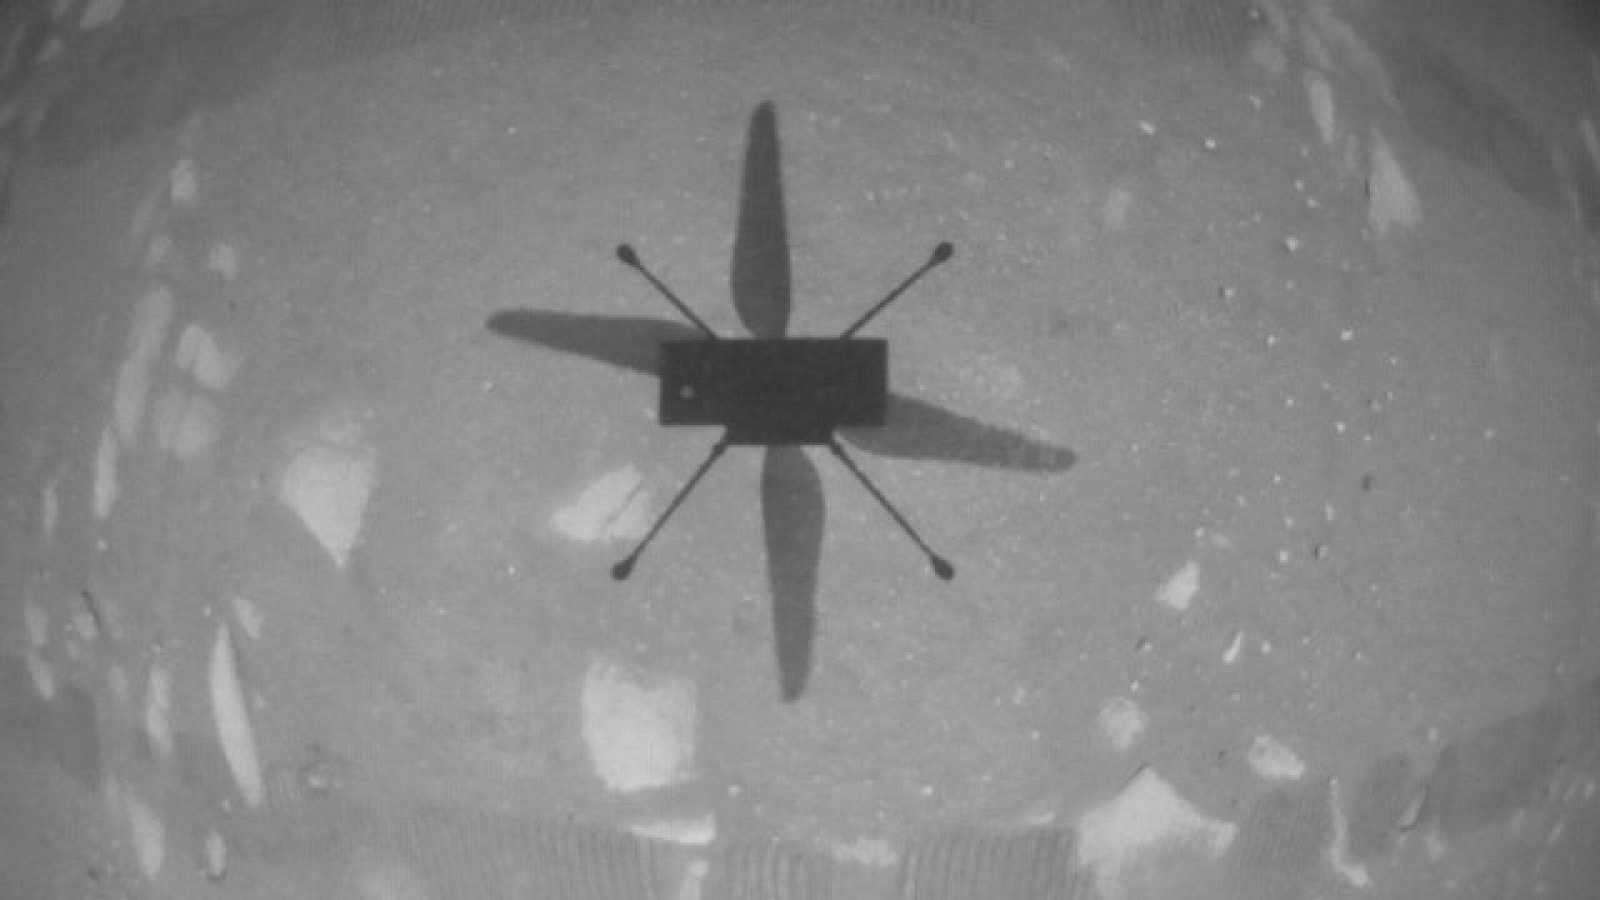 El helicóptero Ingenuity de la NASA hace historia al volar, por primera vez, en Marte